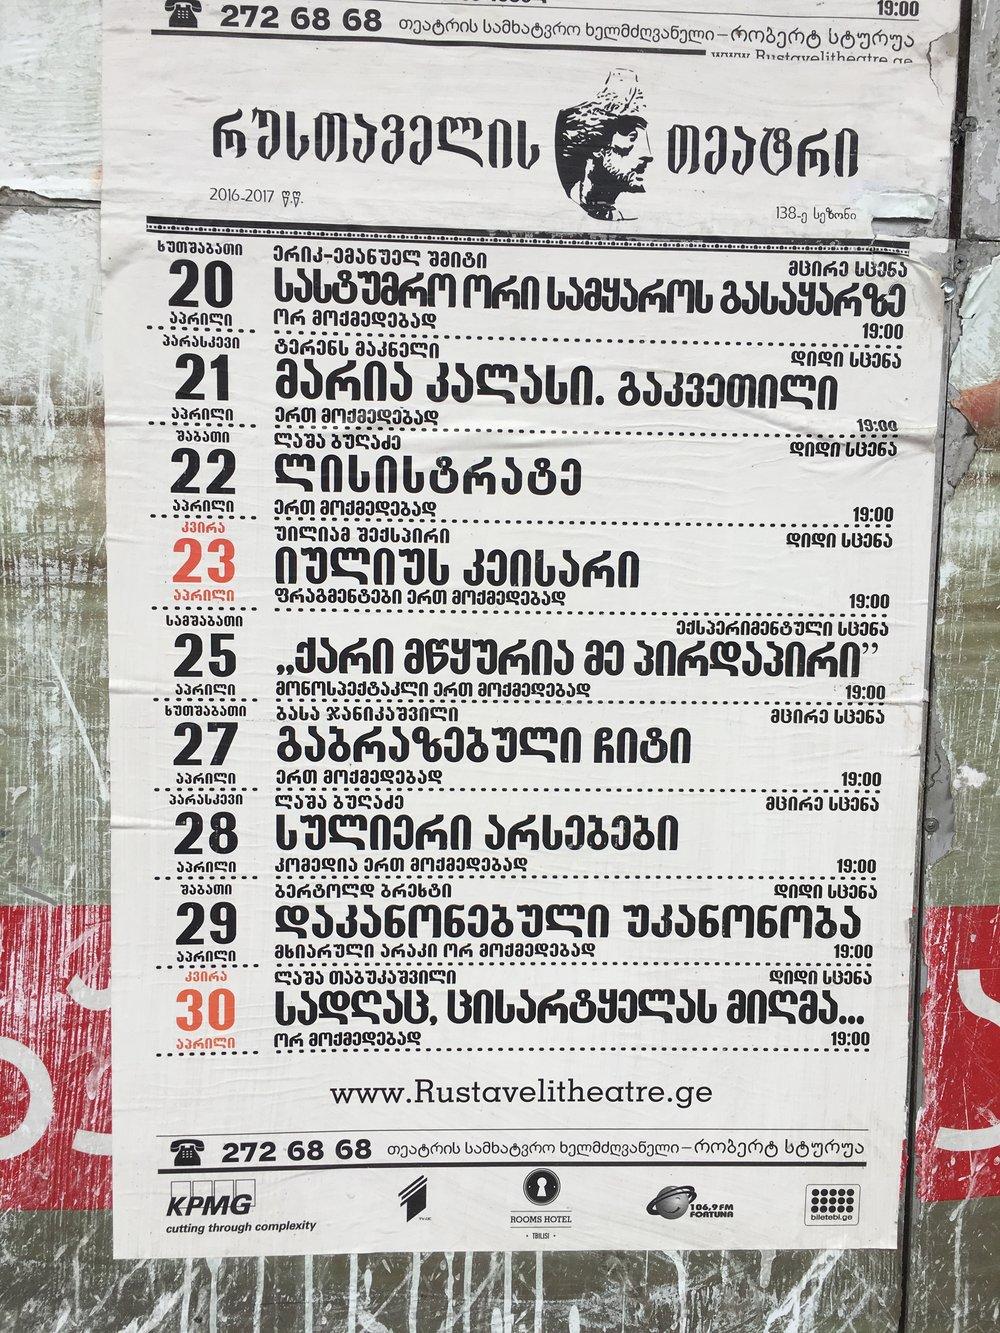 Rustaveli Theatre's programme.